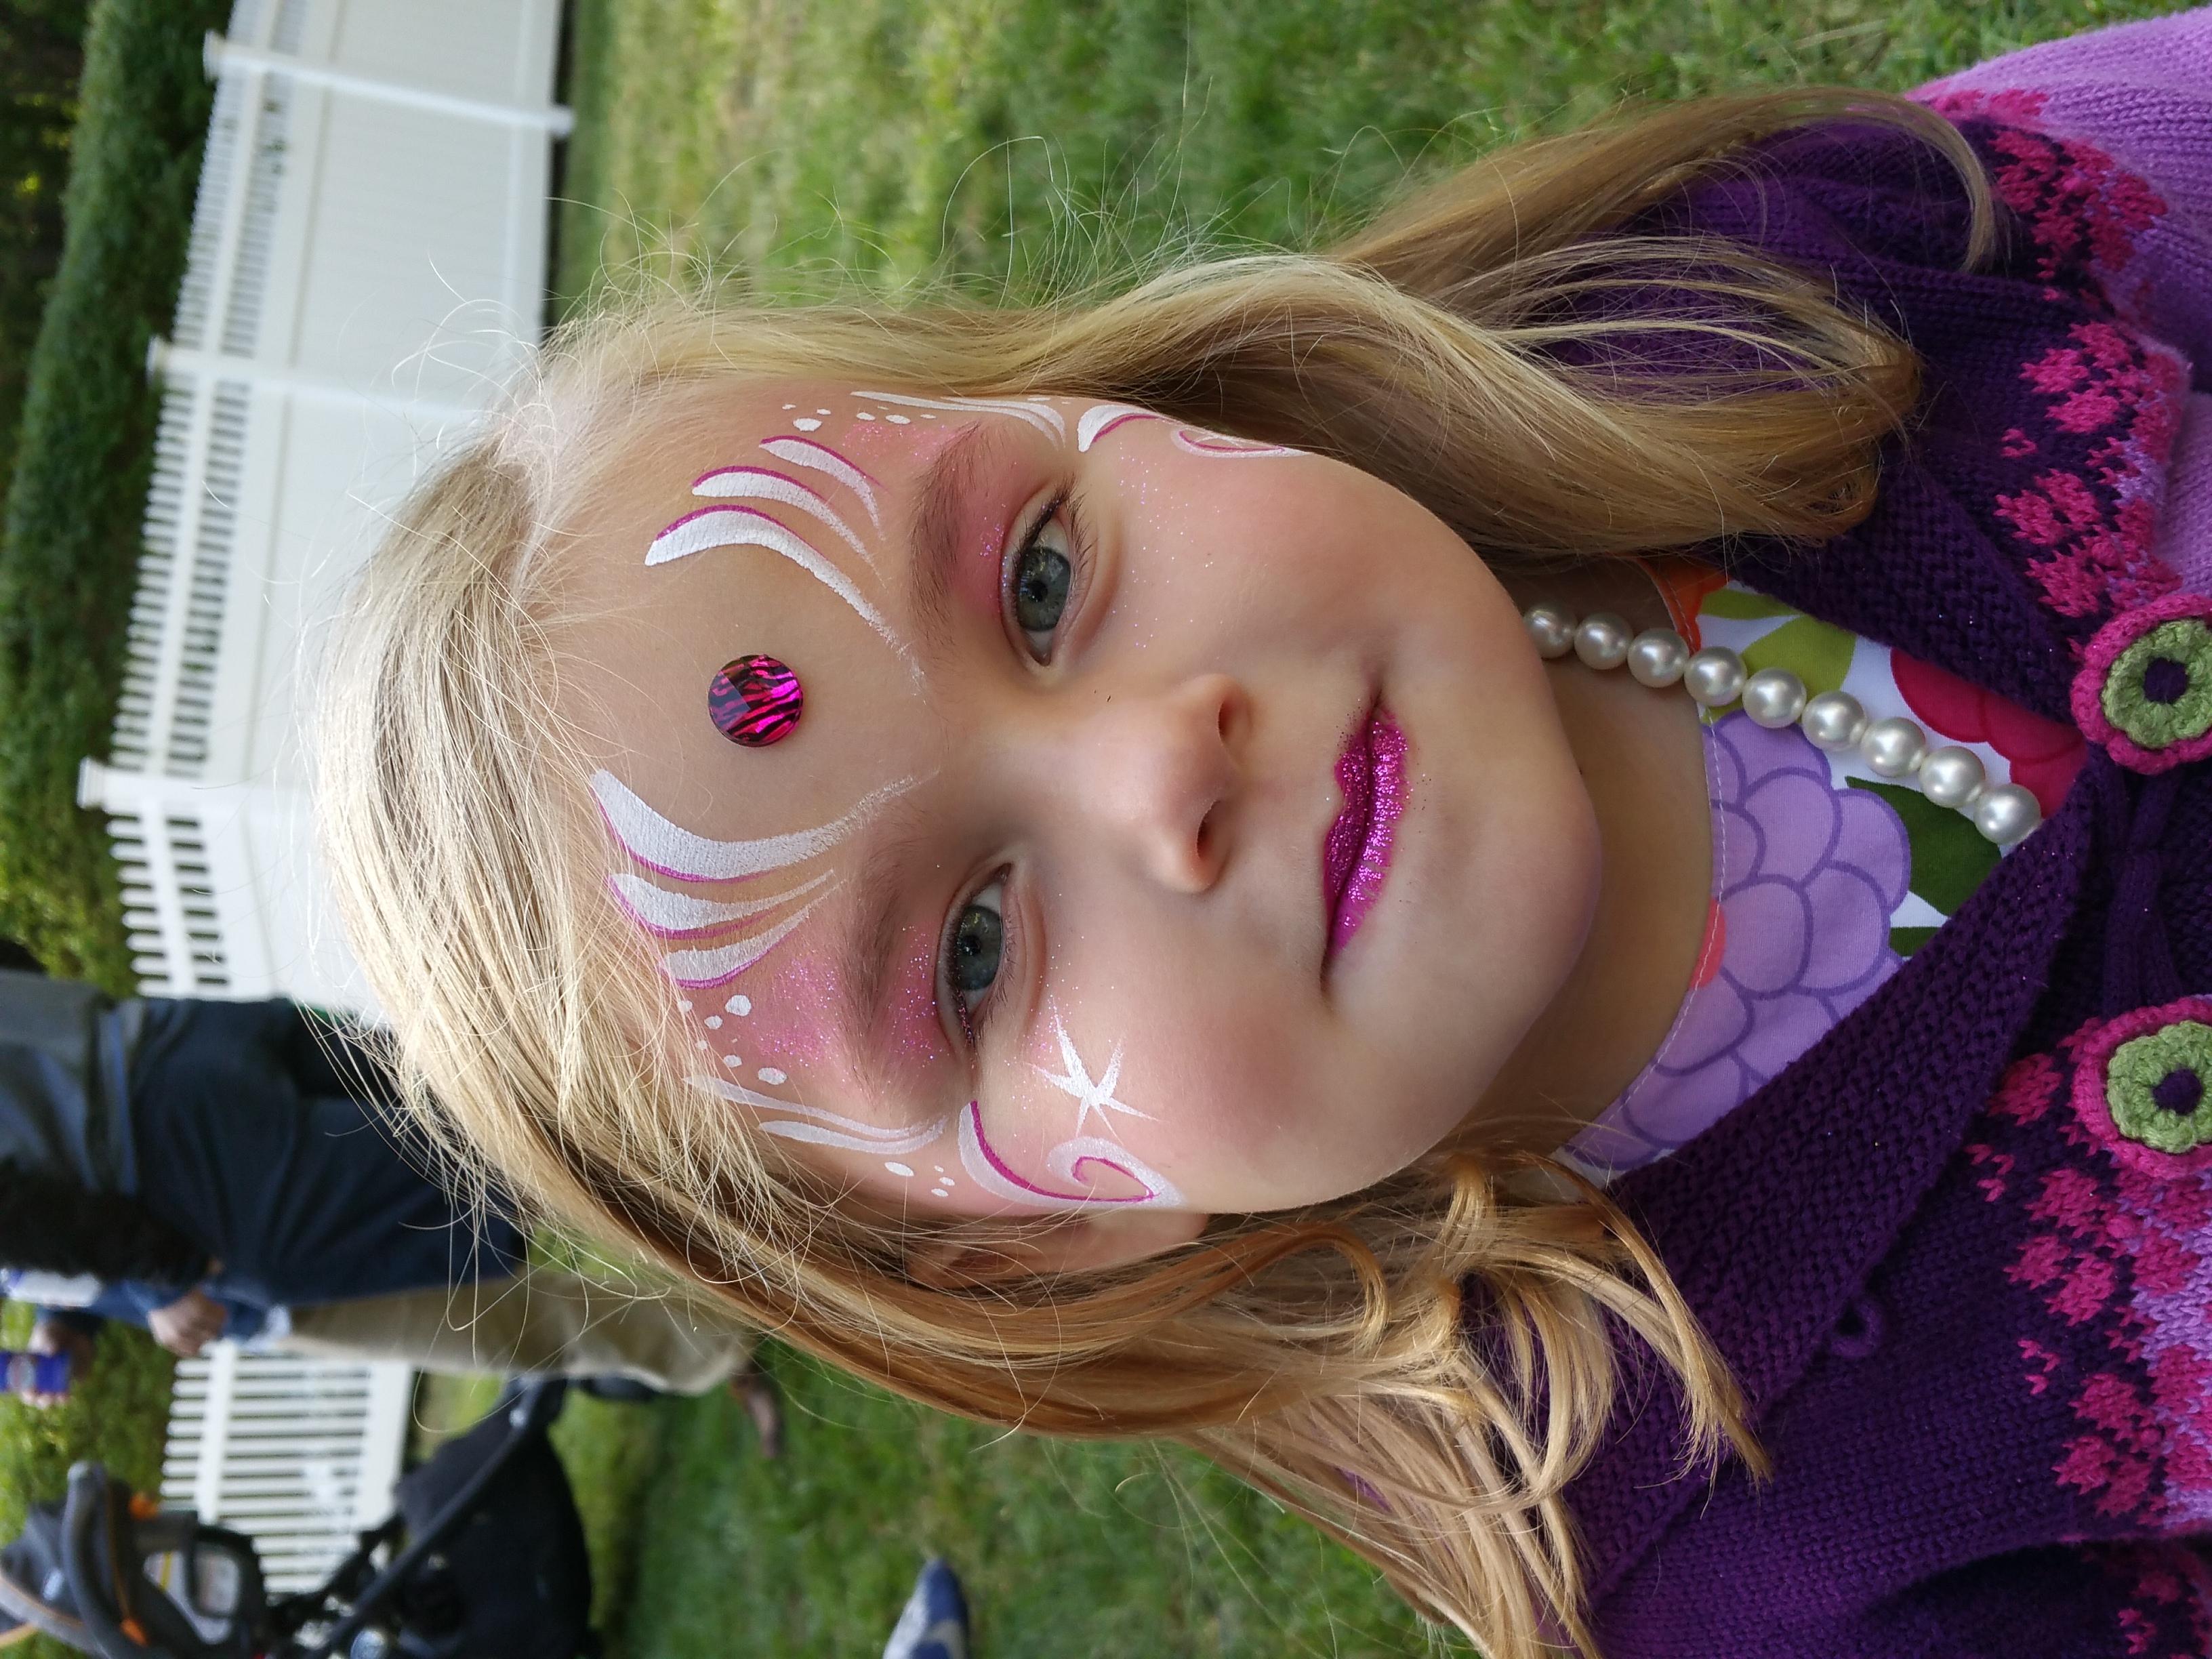 Simple pink face paint design